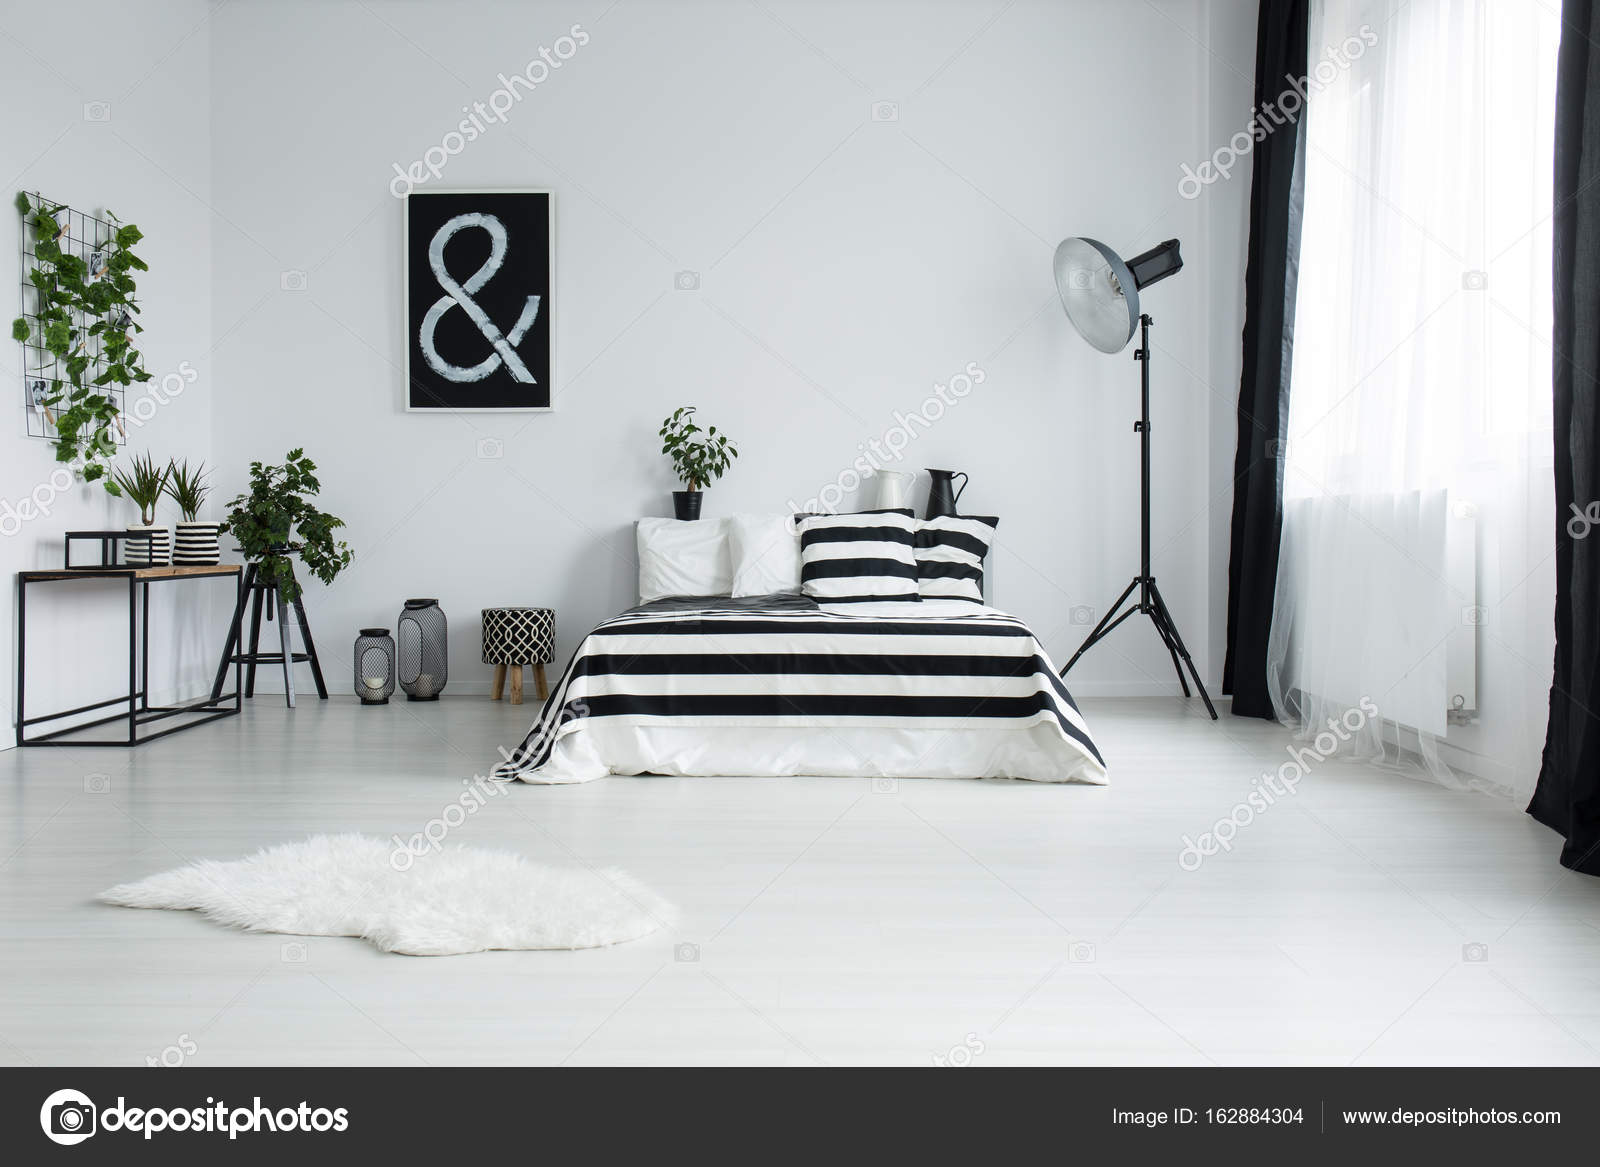 Kleine Minimalistische Slaapkamer : Witte vacht op verdieping in minimalistische slaapkamer